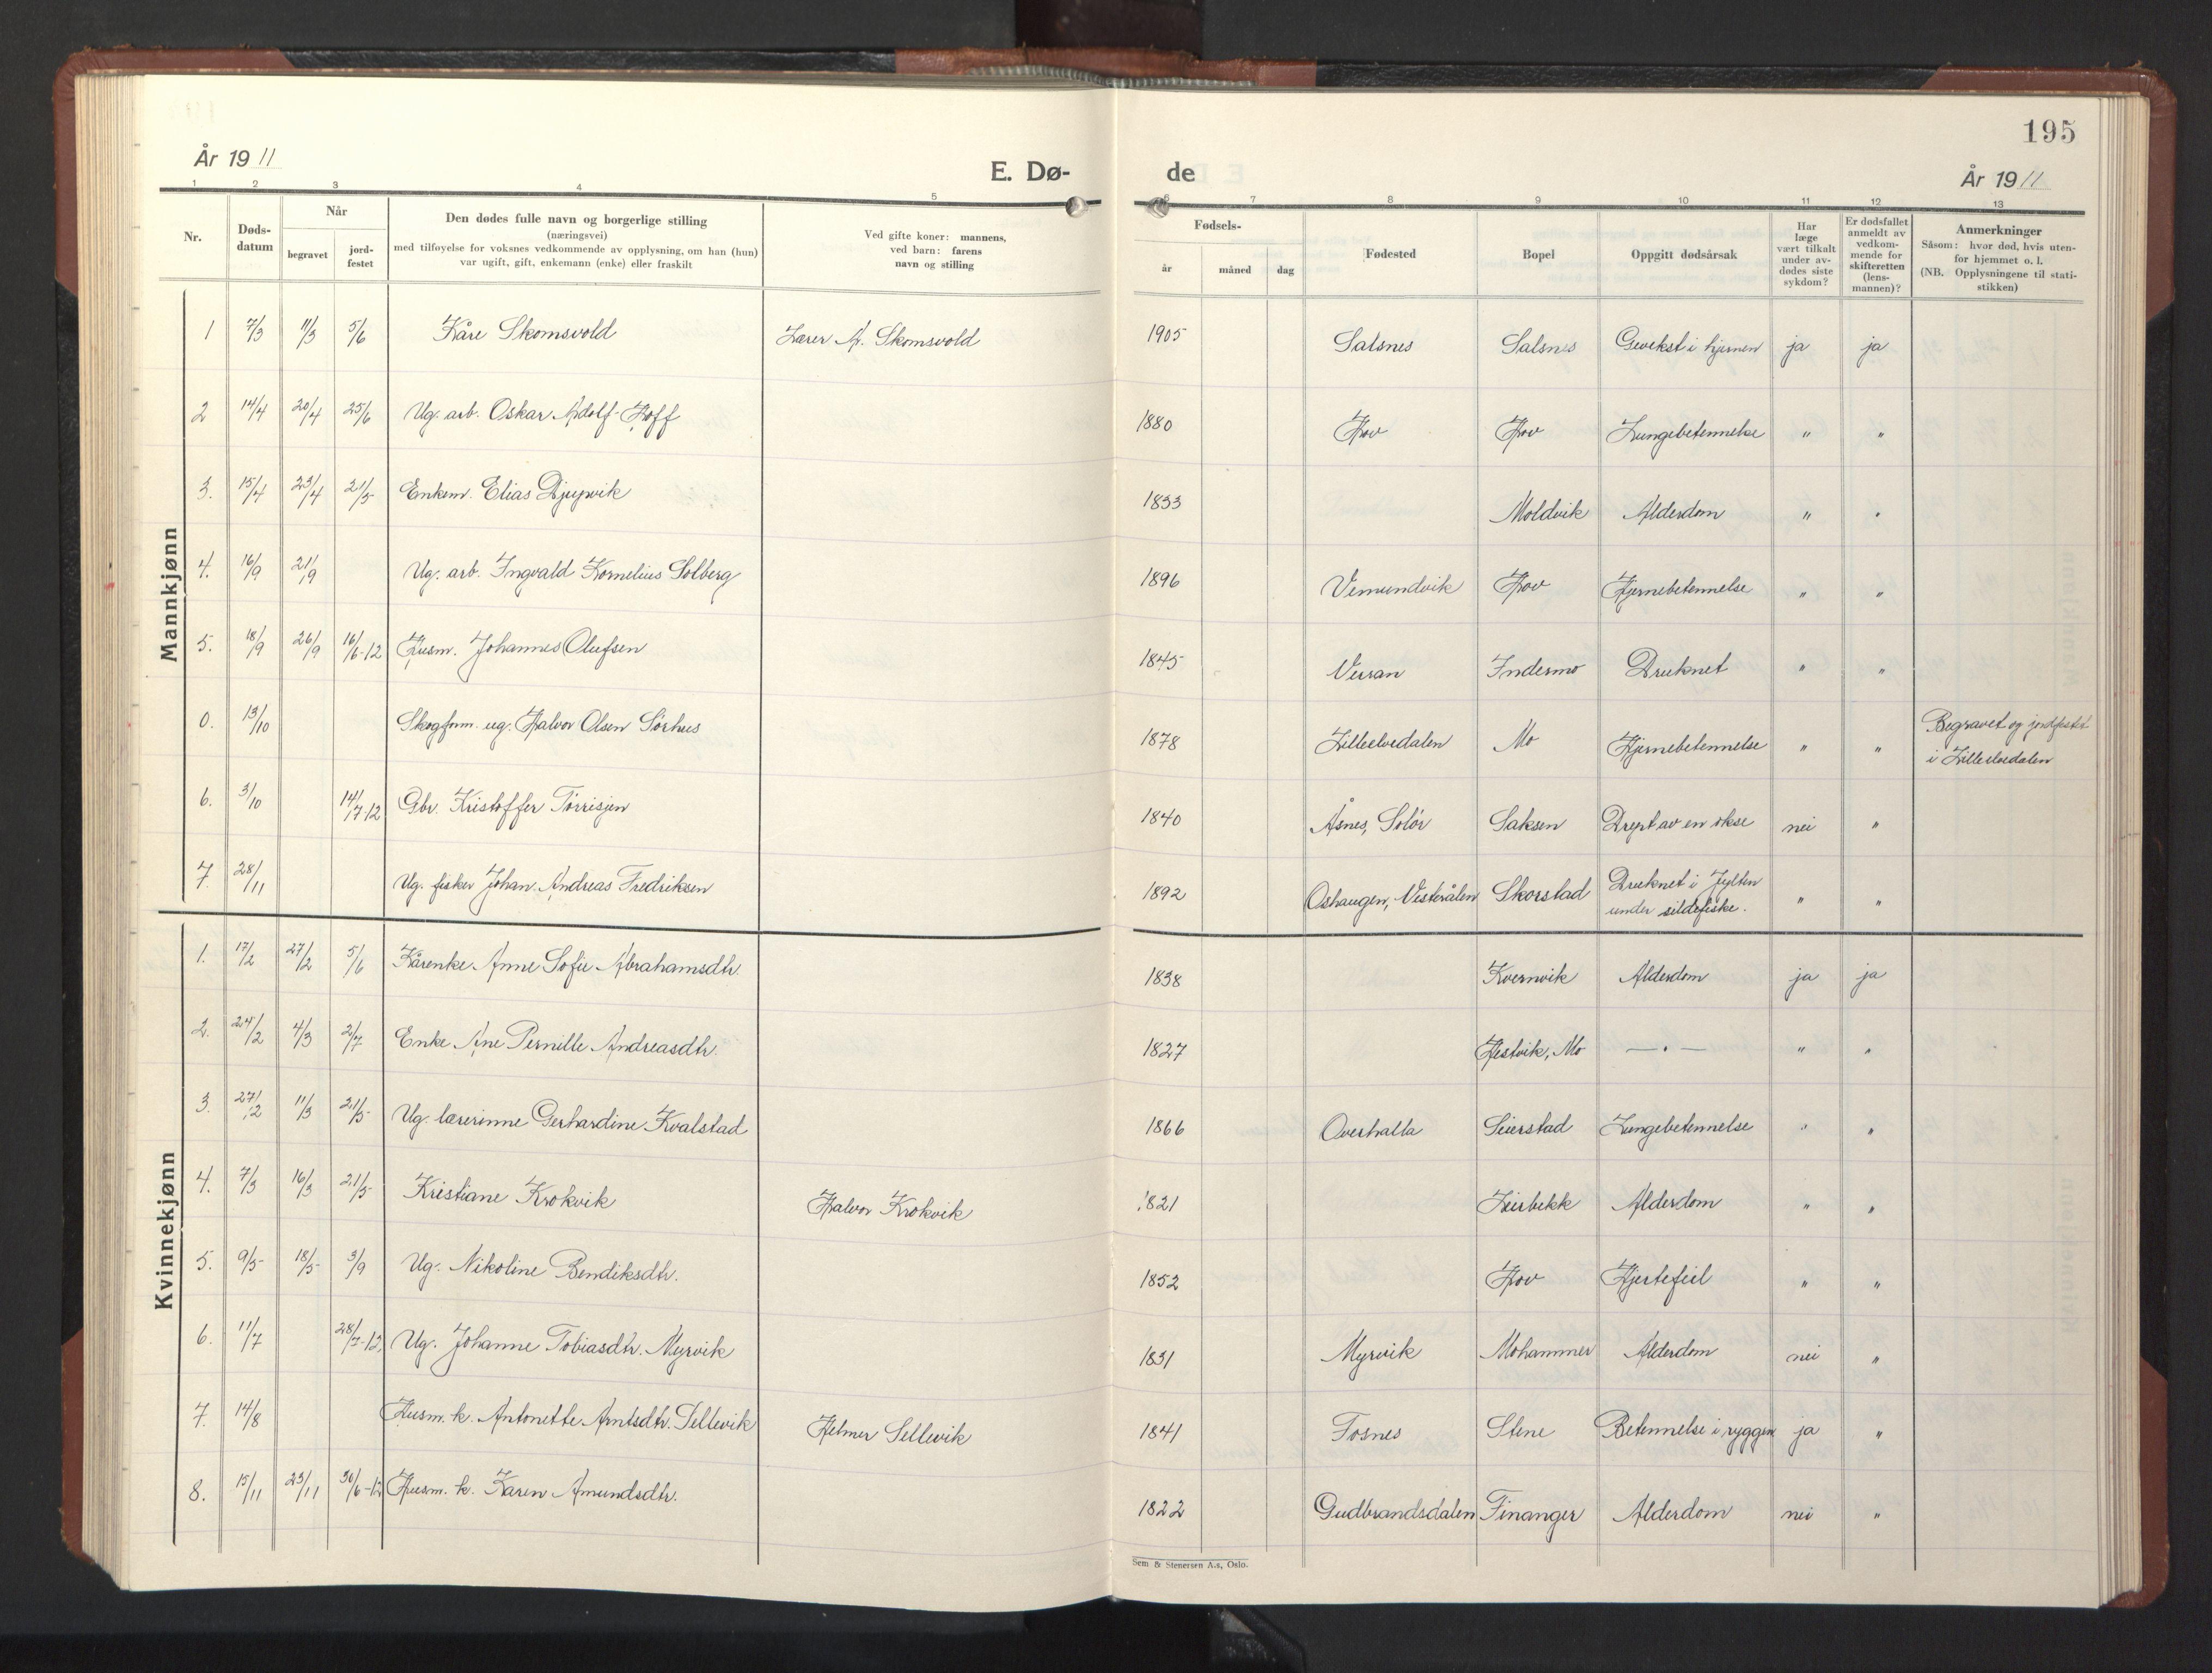 SAT, Ministerialprotokoller, klokkerbøker og fødselsregistre - Nord-Trøndelag, 773/L0625: Klokkerbok nr. 773C01, 1910-1952, s. 195